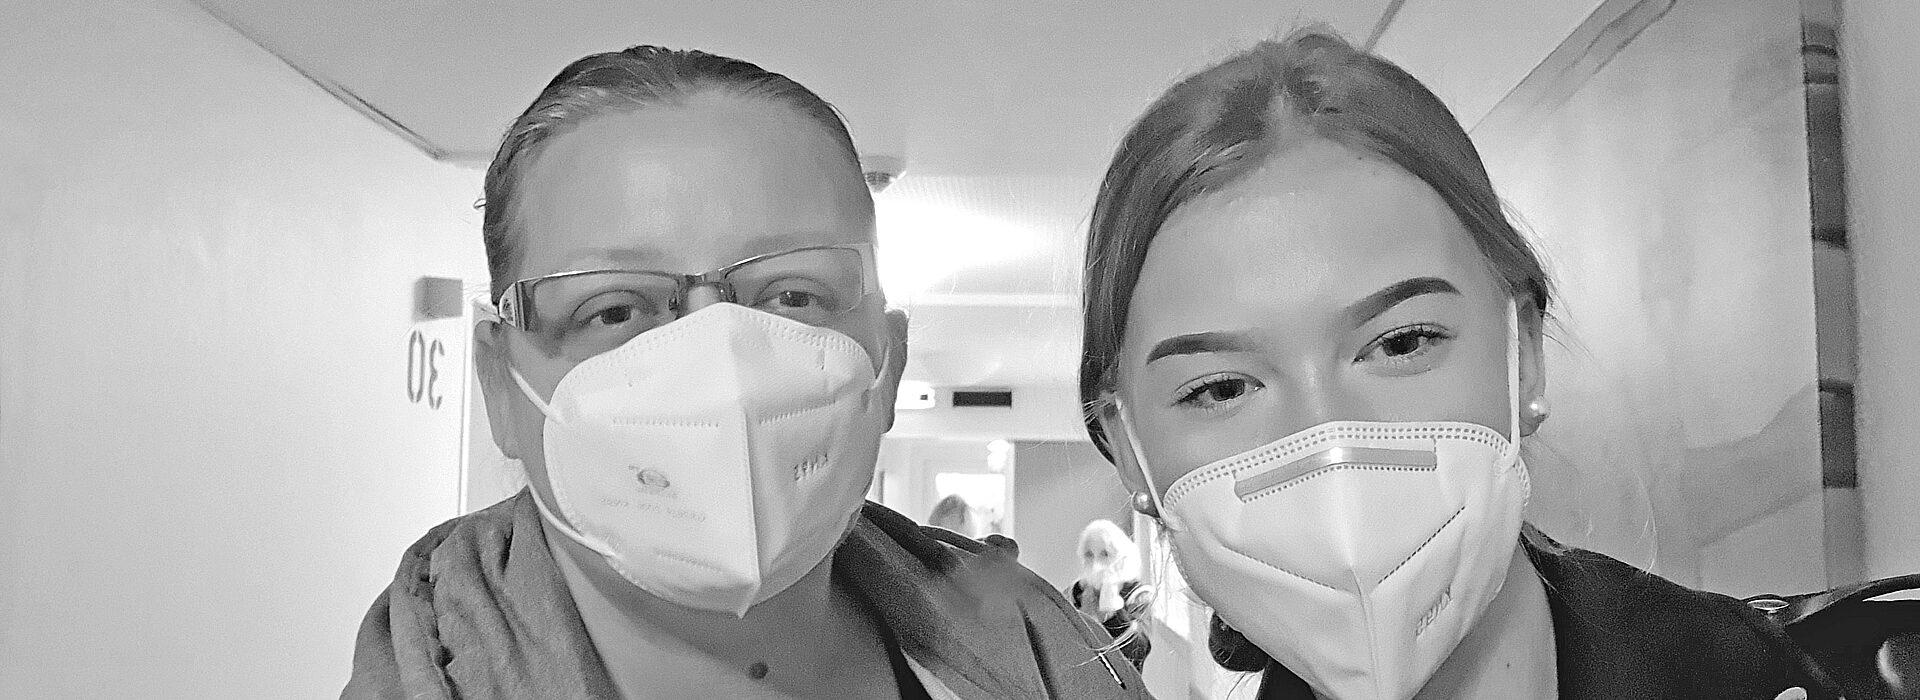 Foto: zwei junge Frauen mit FFP2-Masken